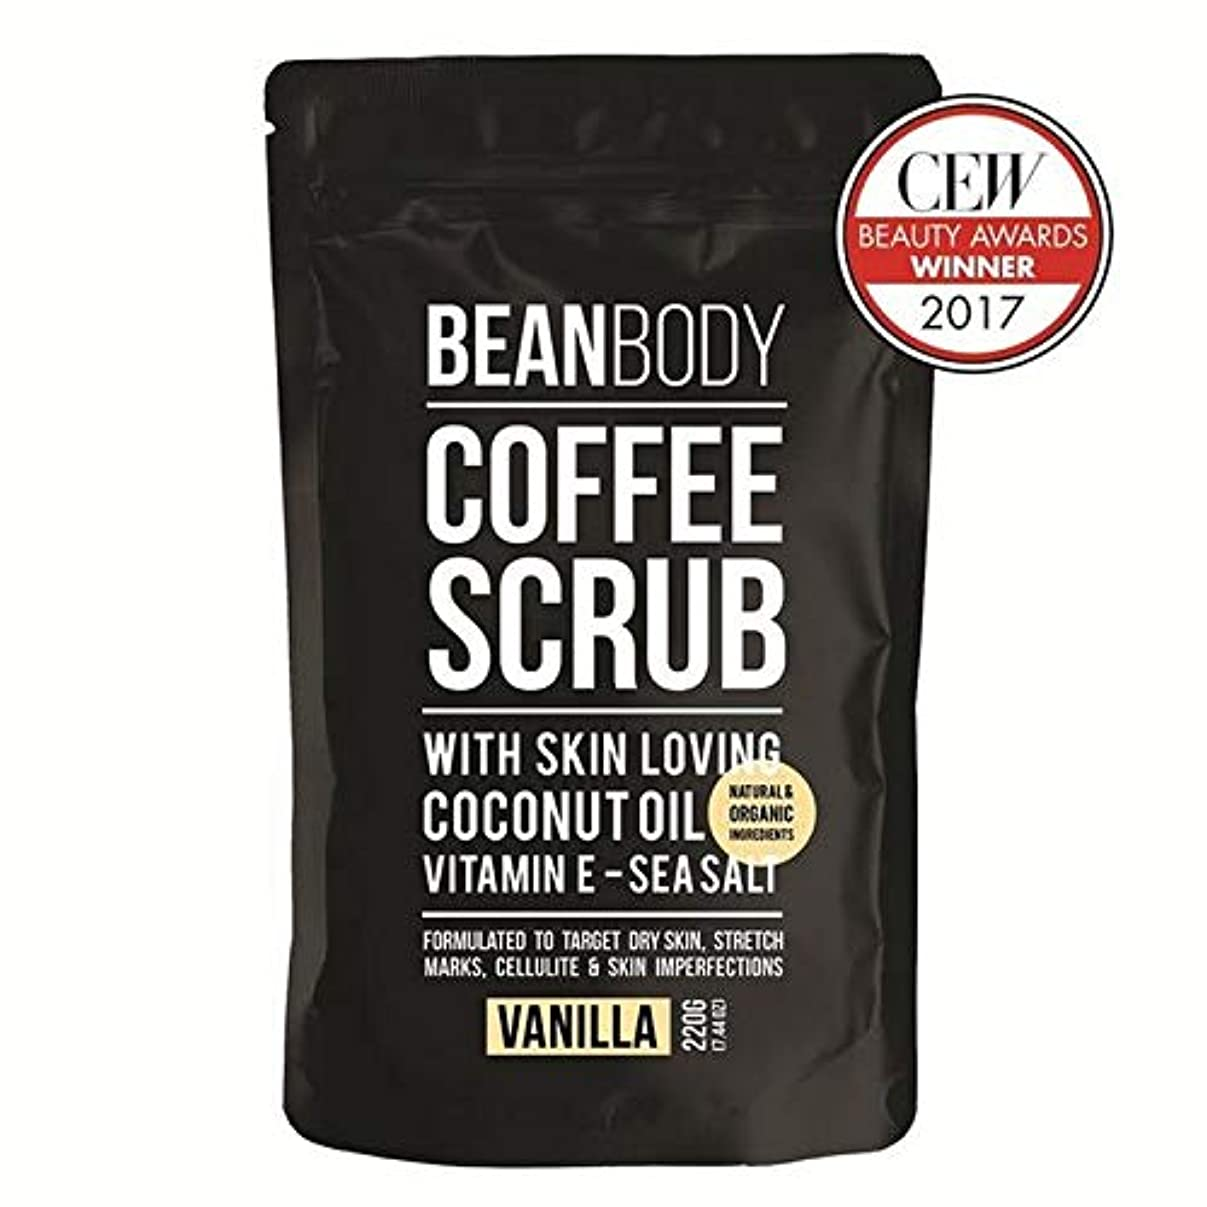 シーボード俳優非行[Bean Body ] 豆のボディスクラブコーヒー、バニラ220グラム - Bean Body Coffee Scrub, Vanilla 220g [並行輸入品]